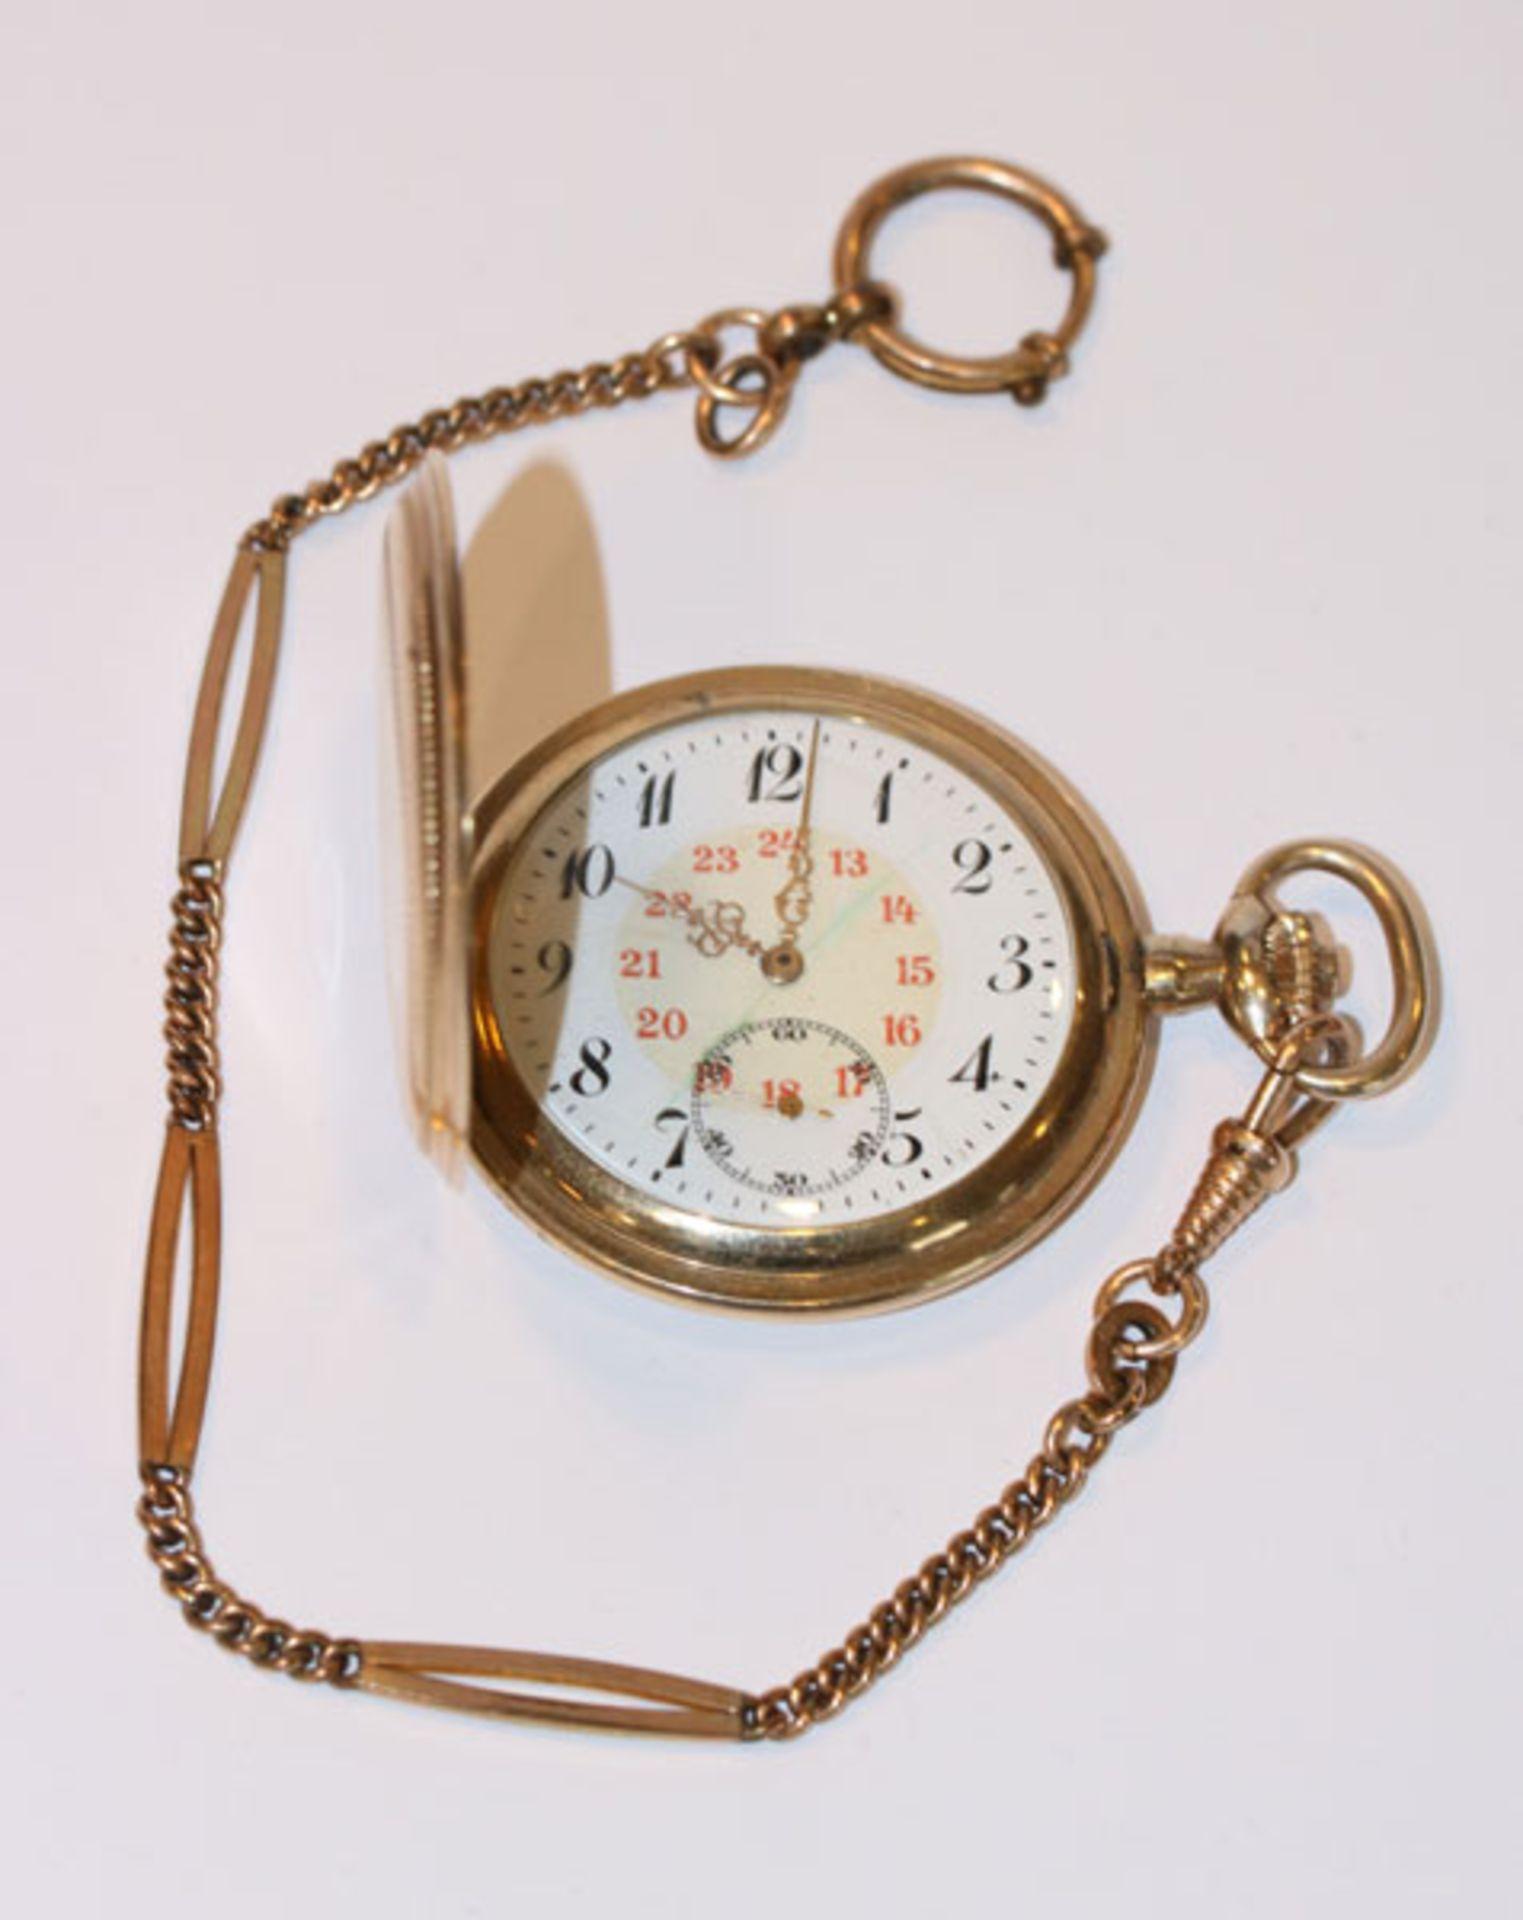 Los 42 - Doublé Taschenuhr, fein graviertes Gehäuse, intakt, muss gereinigt werden, an Kette, L 25 cm, um